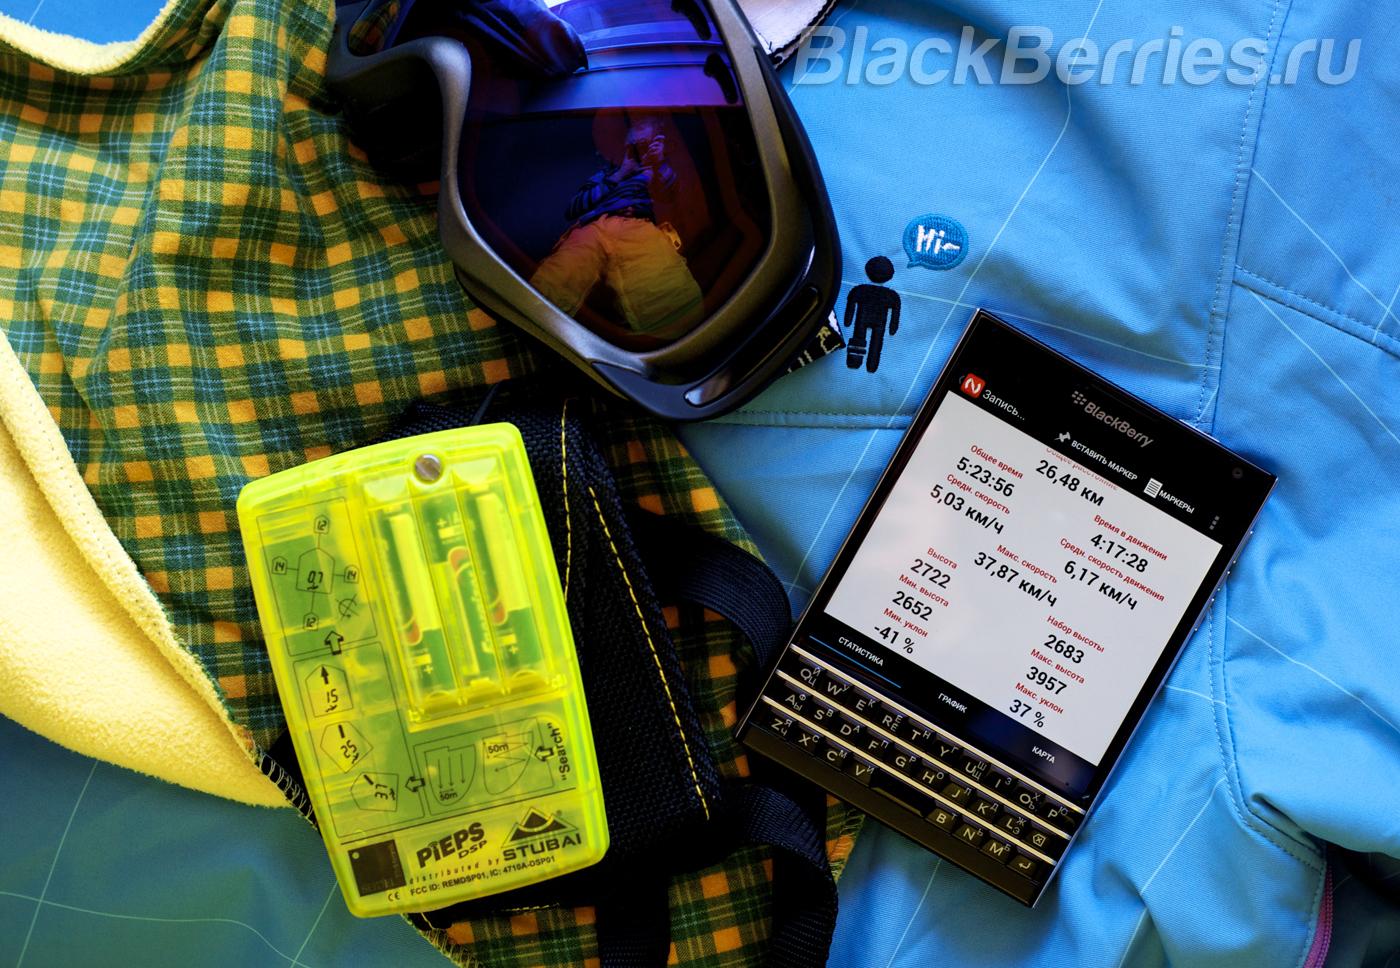 BlackBerry-Passport-NoGago-Tracks